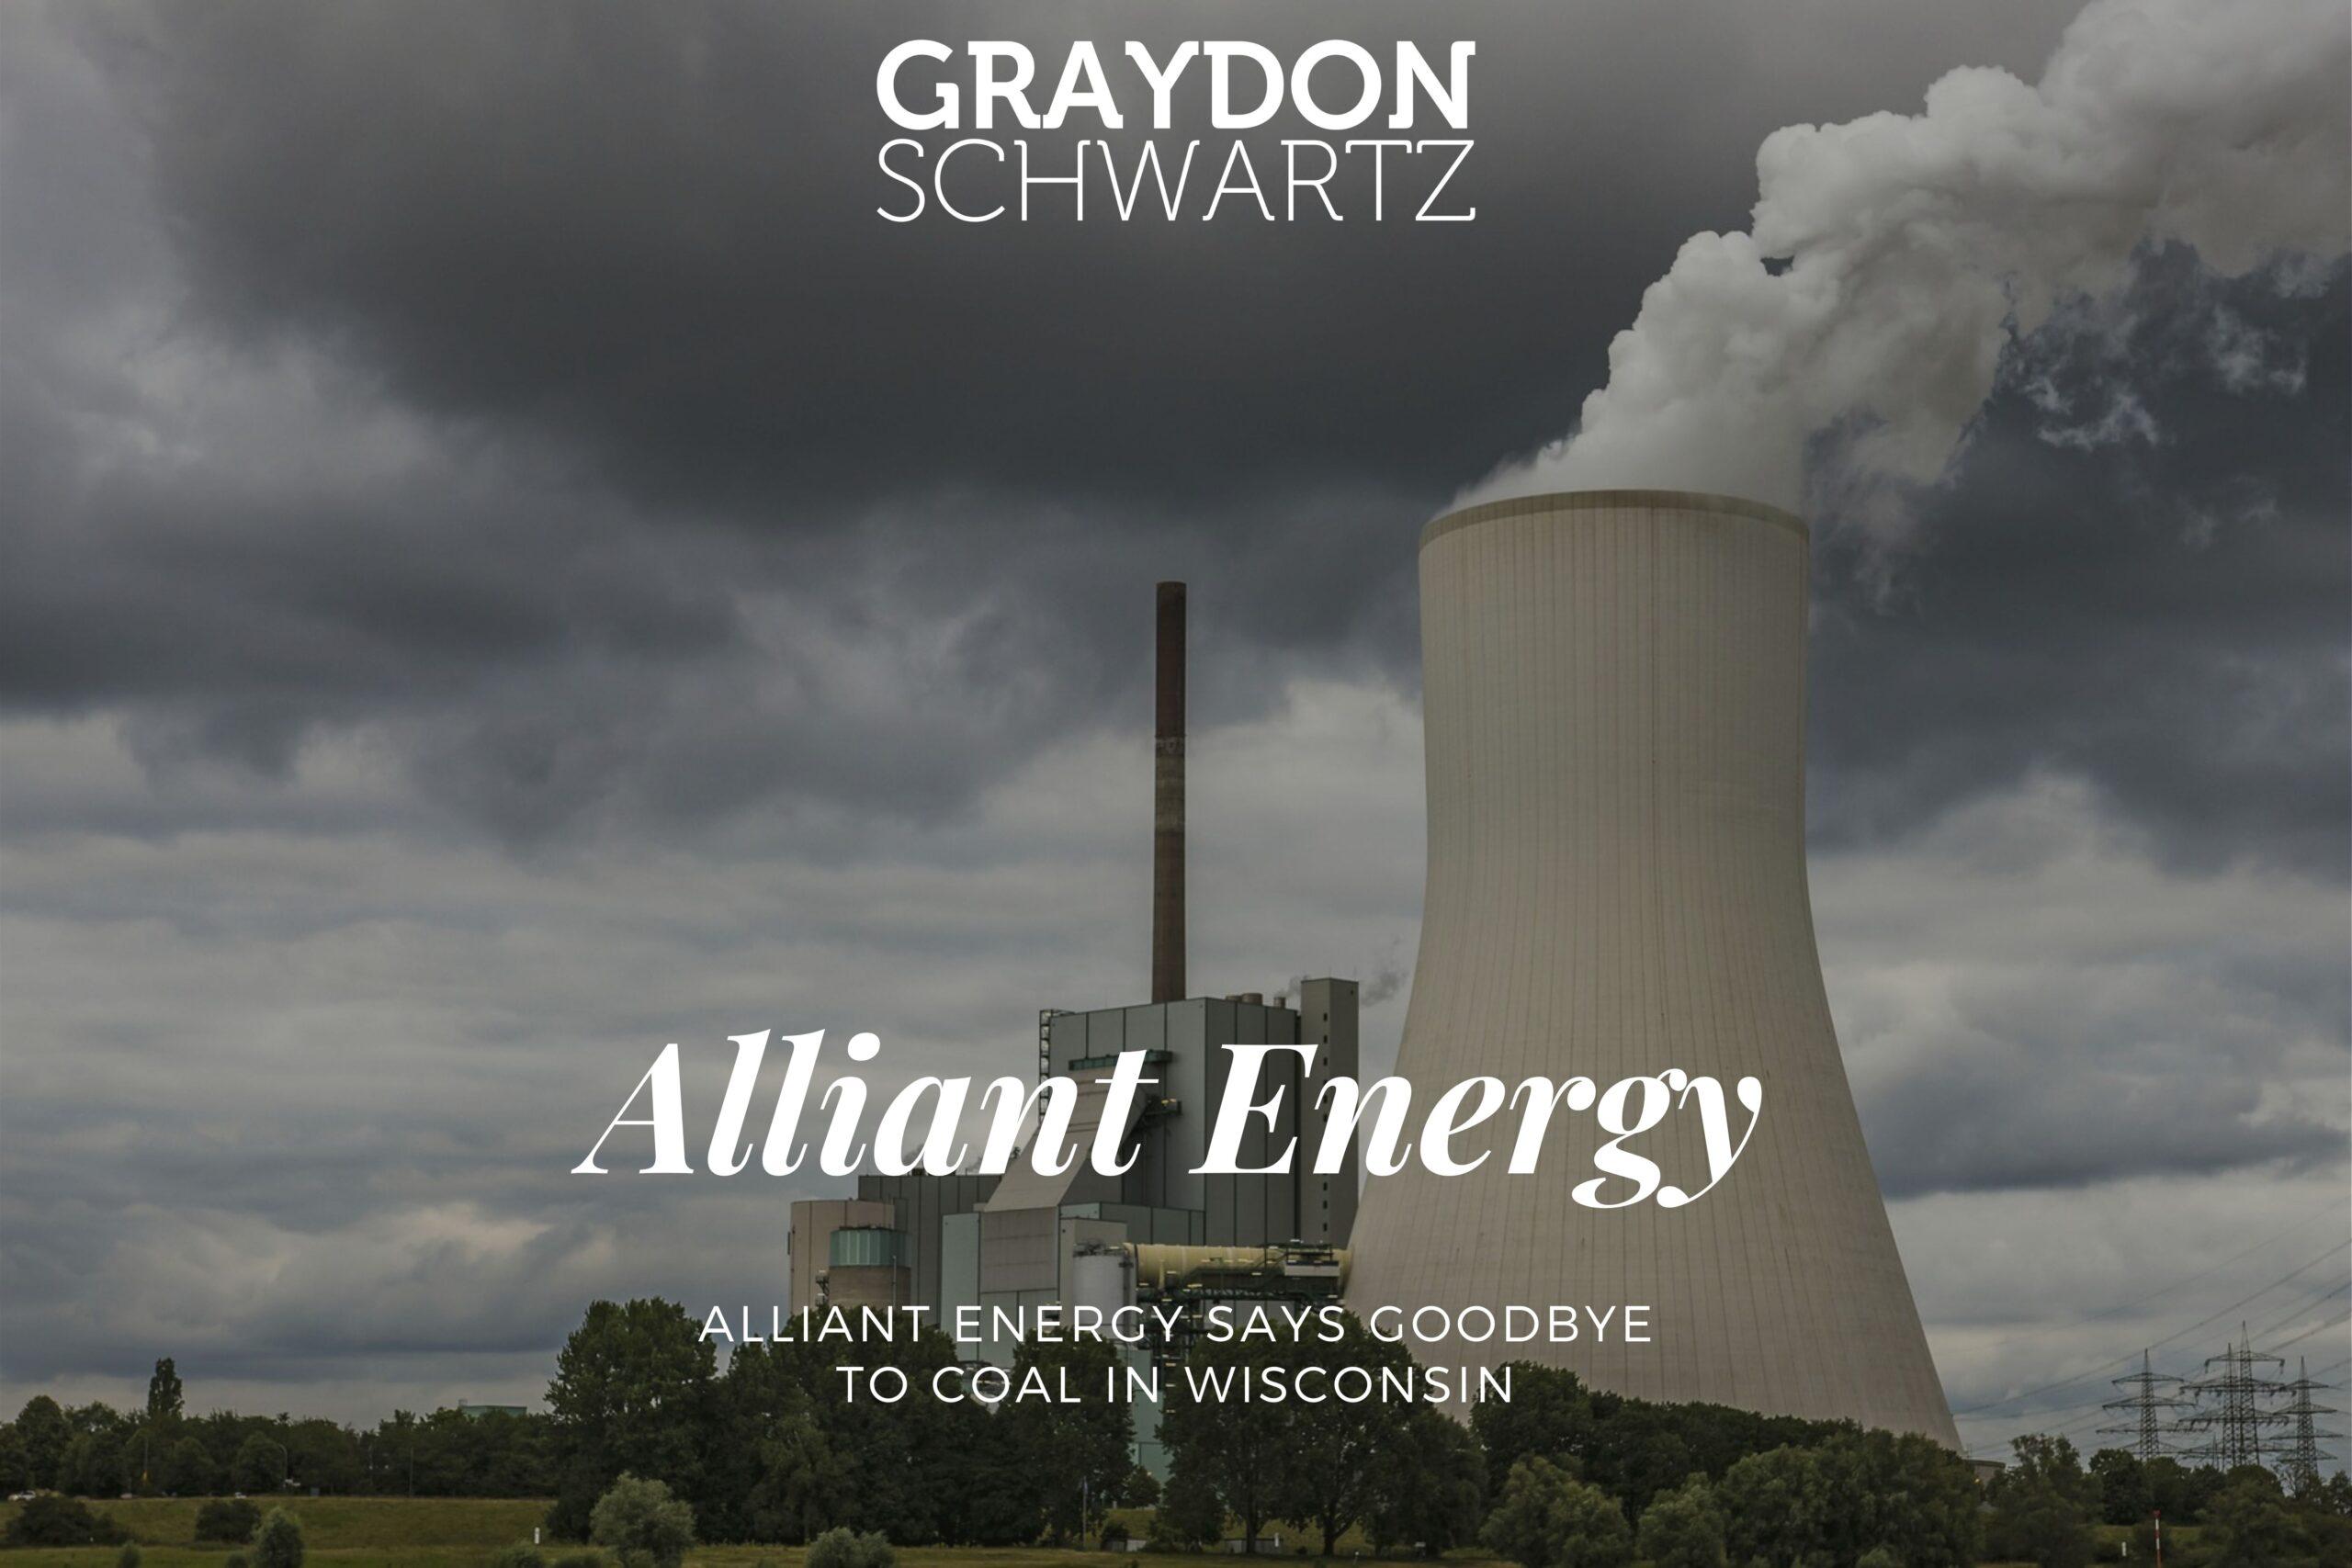 Alliant Energy verabschiedet sich von der Kohle in Wisconsin